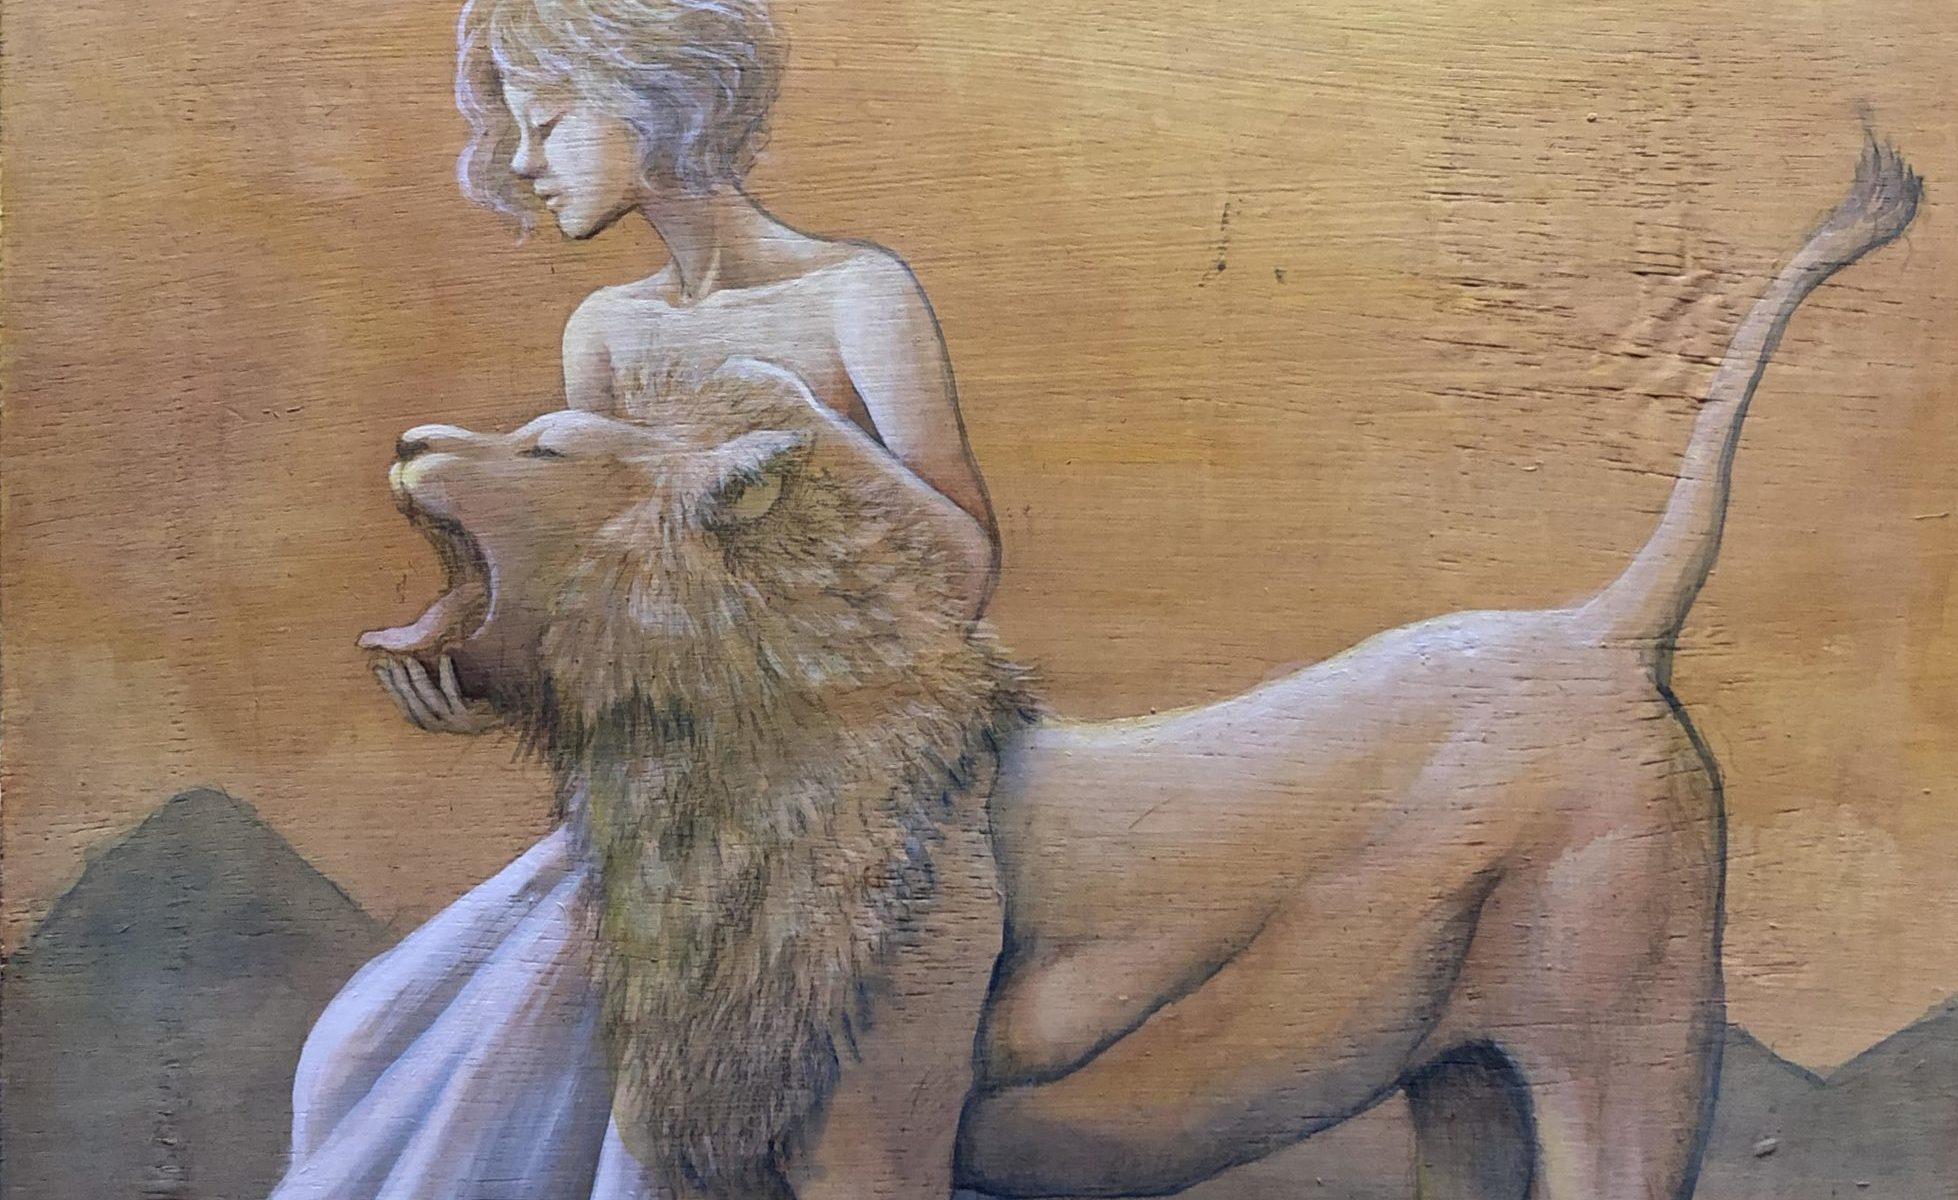 タロットシリーズ 絵画 アクリル画 ライオン 画家 大森和枝